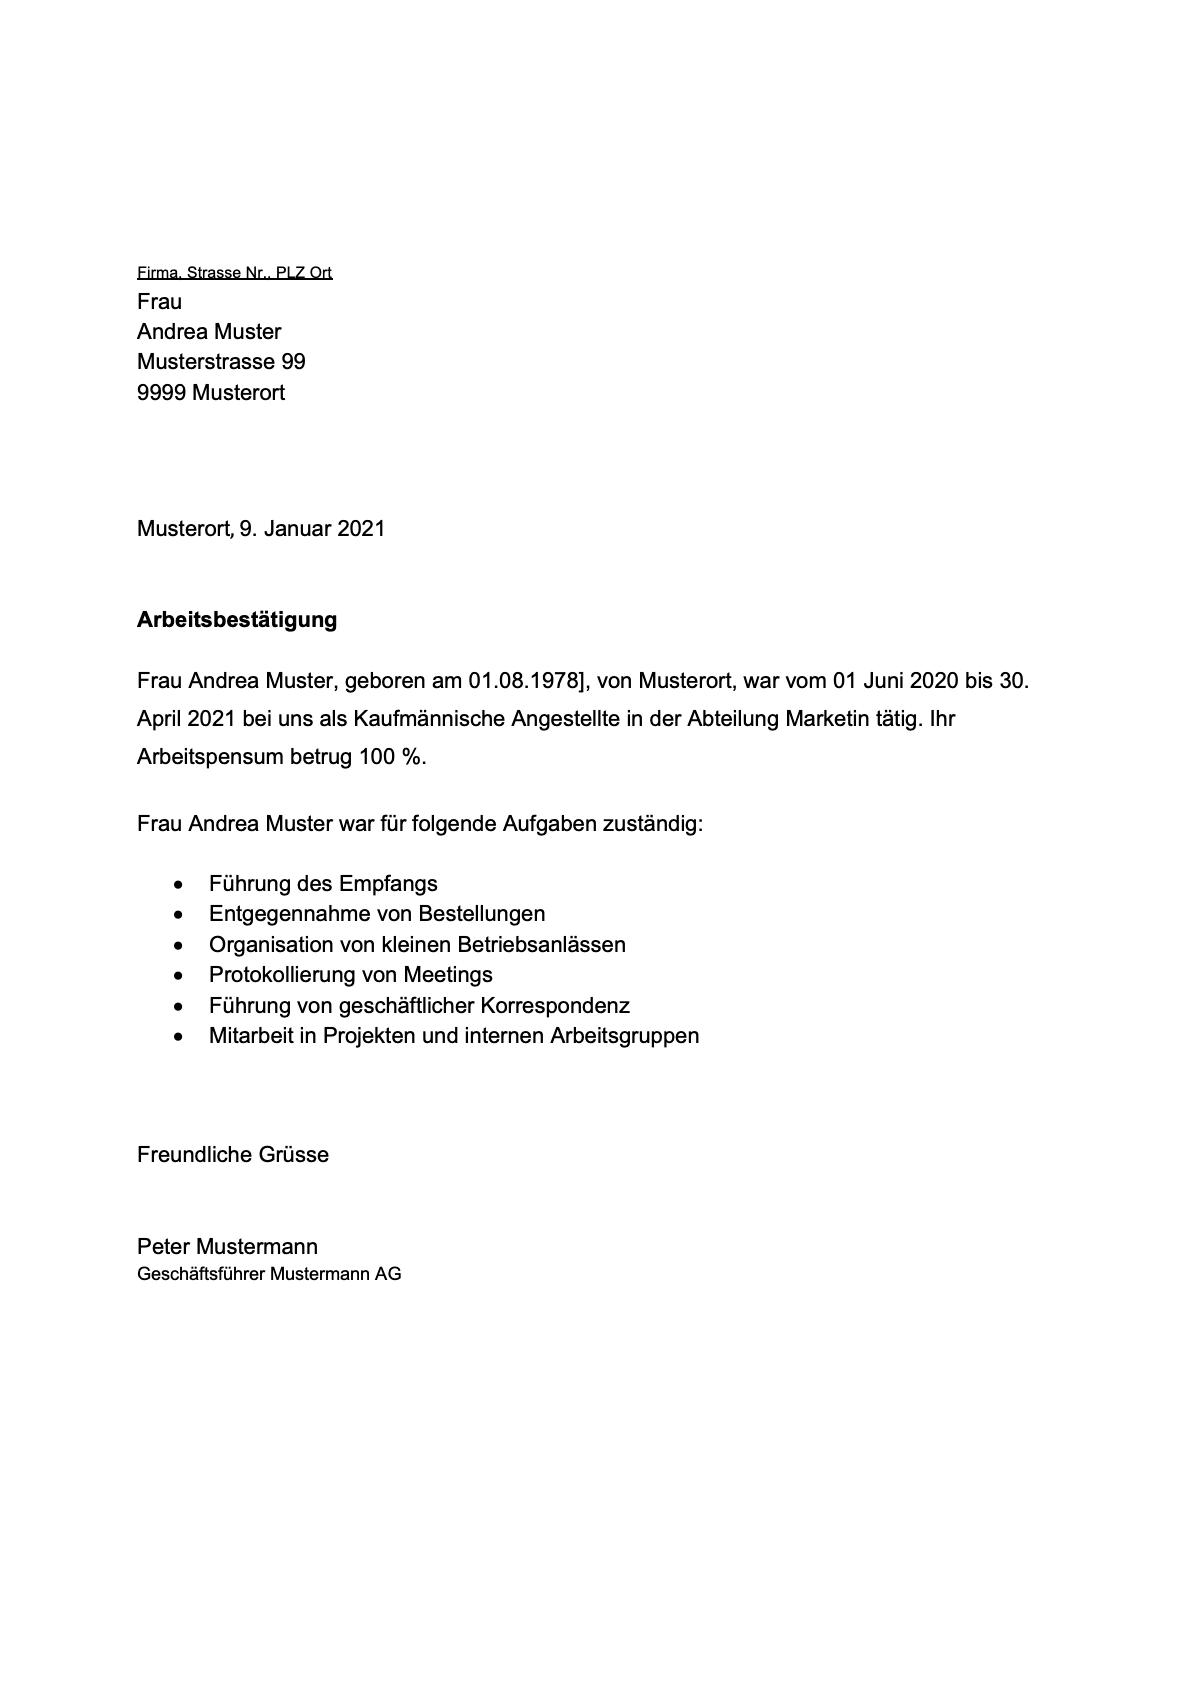 Arbeitsbescheinigung Fur Einen Arbeitnehmer 12